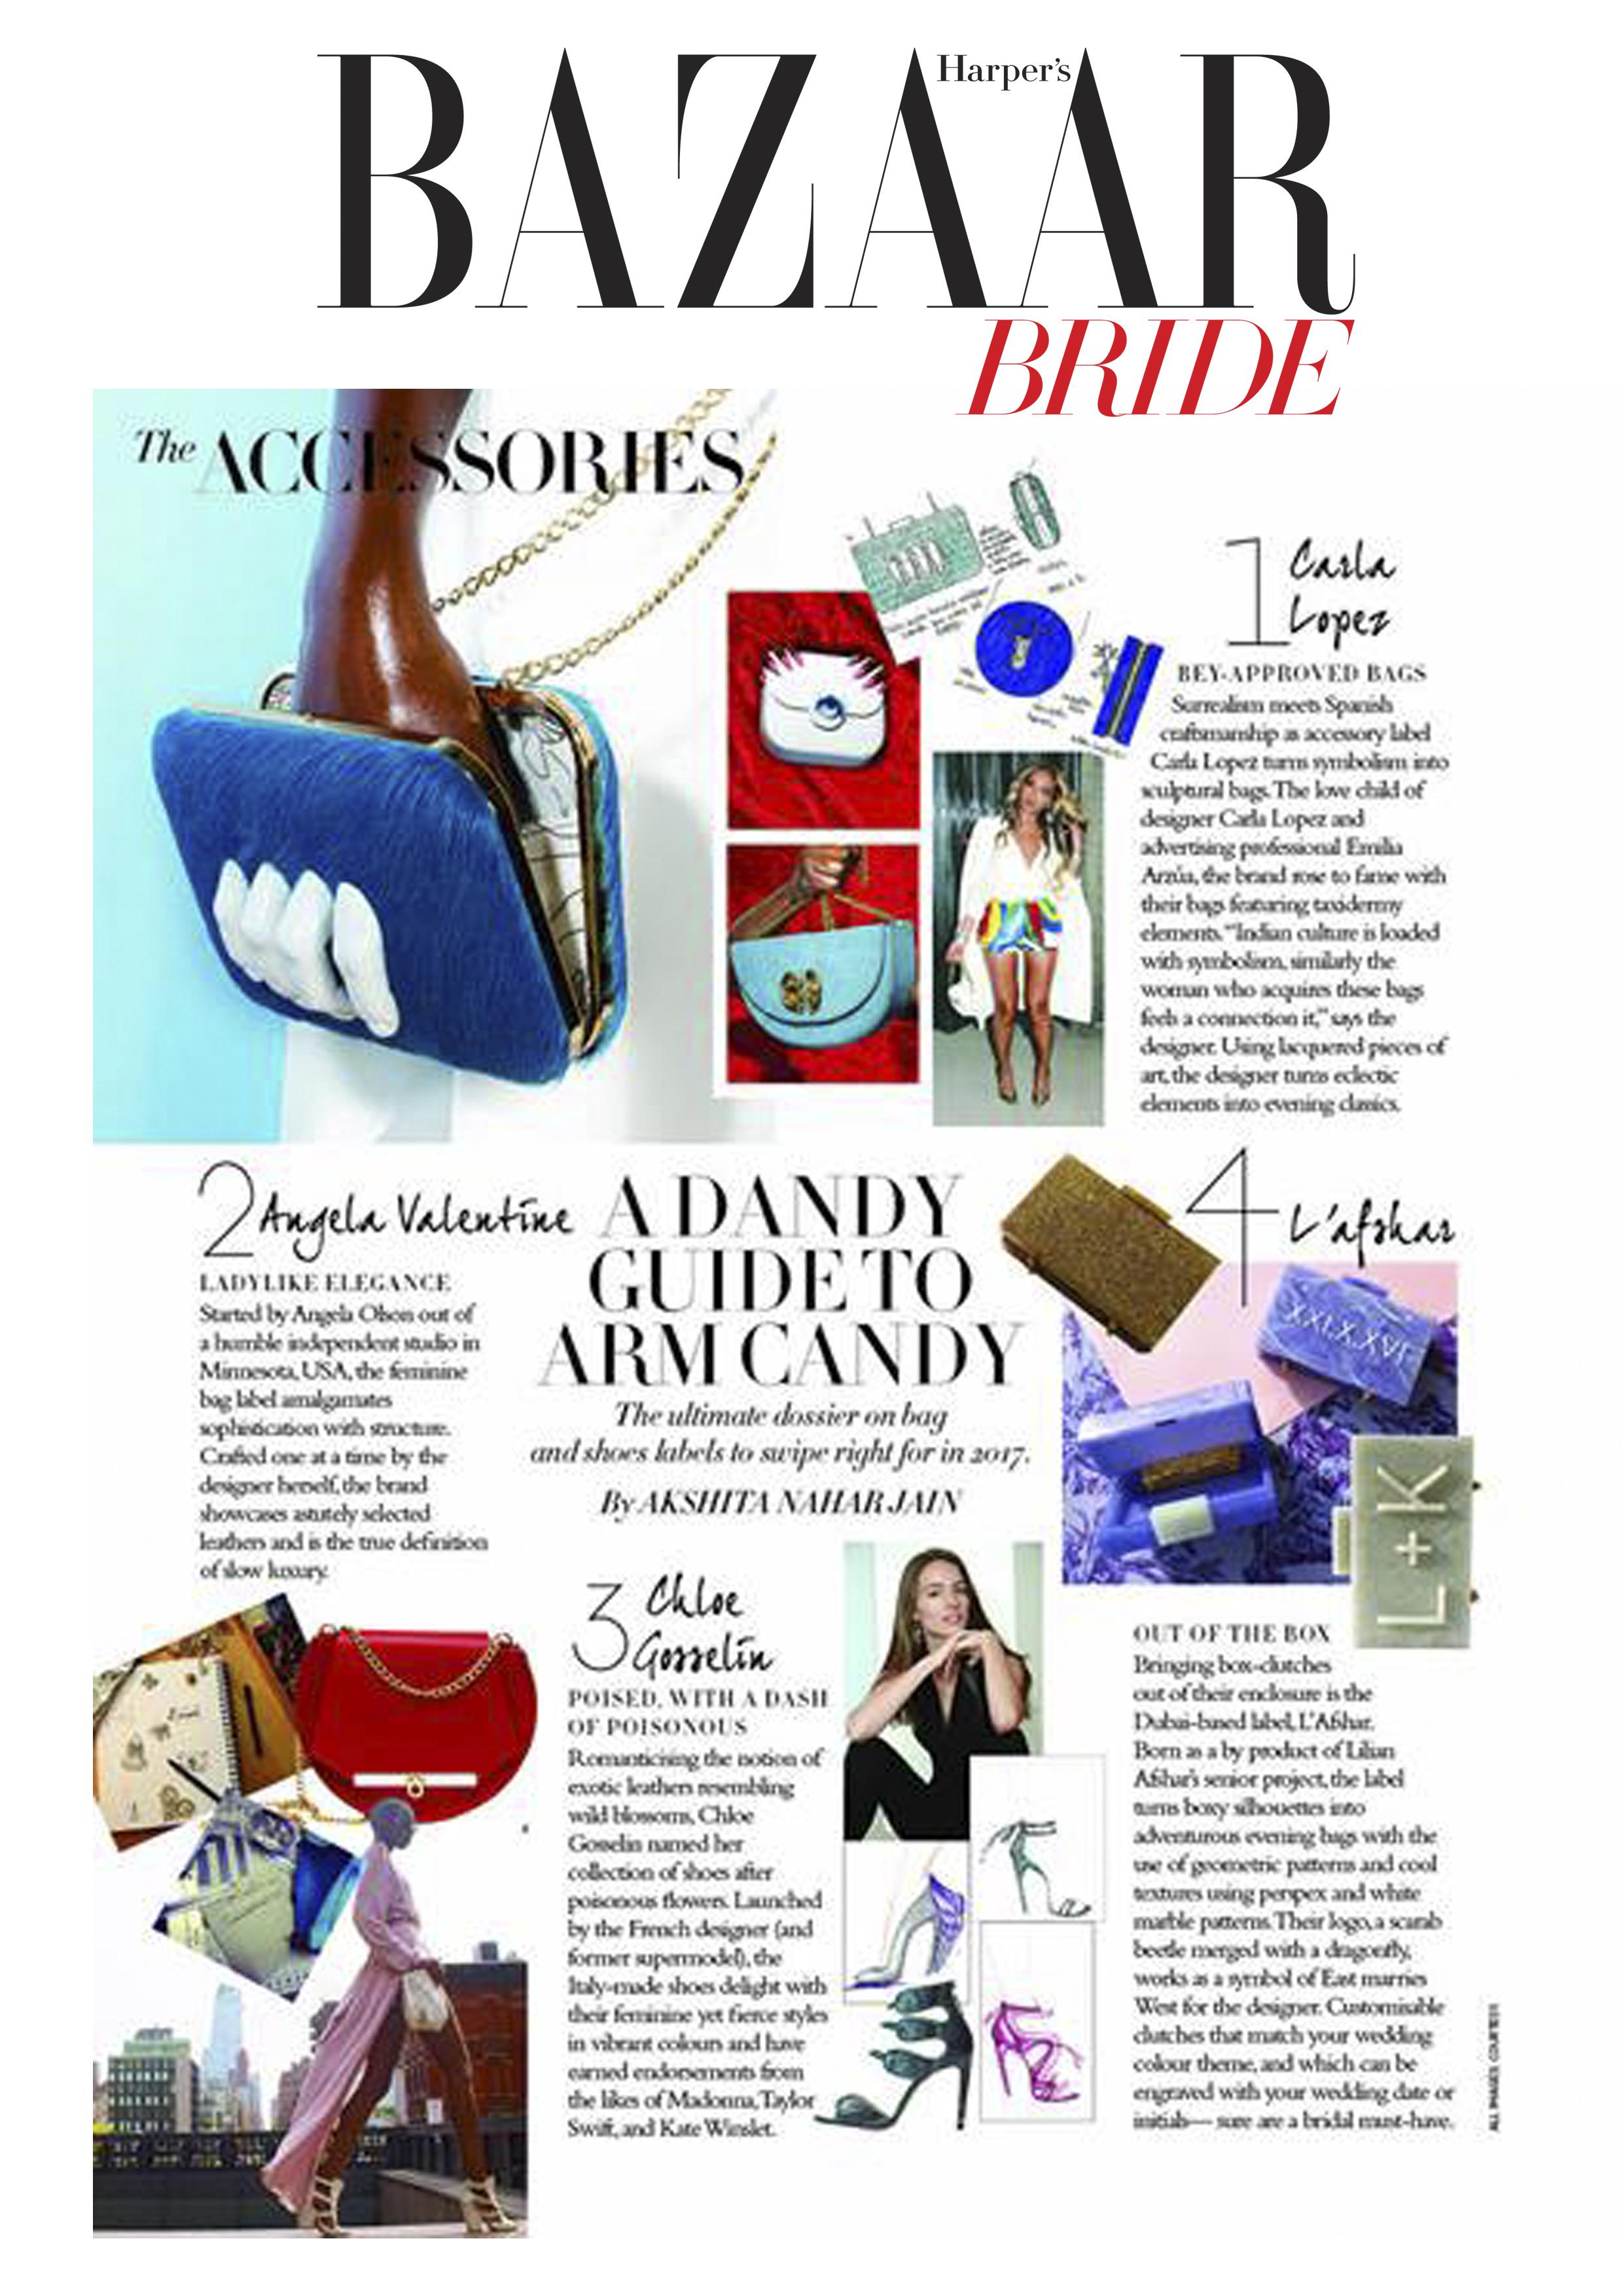 Harpers Bazaar Bride India - carlalopez